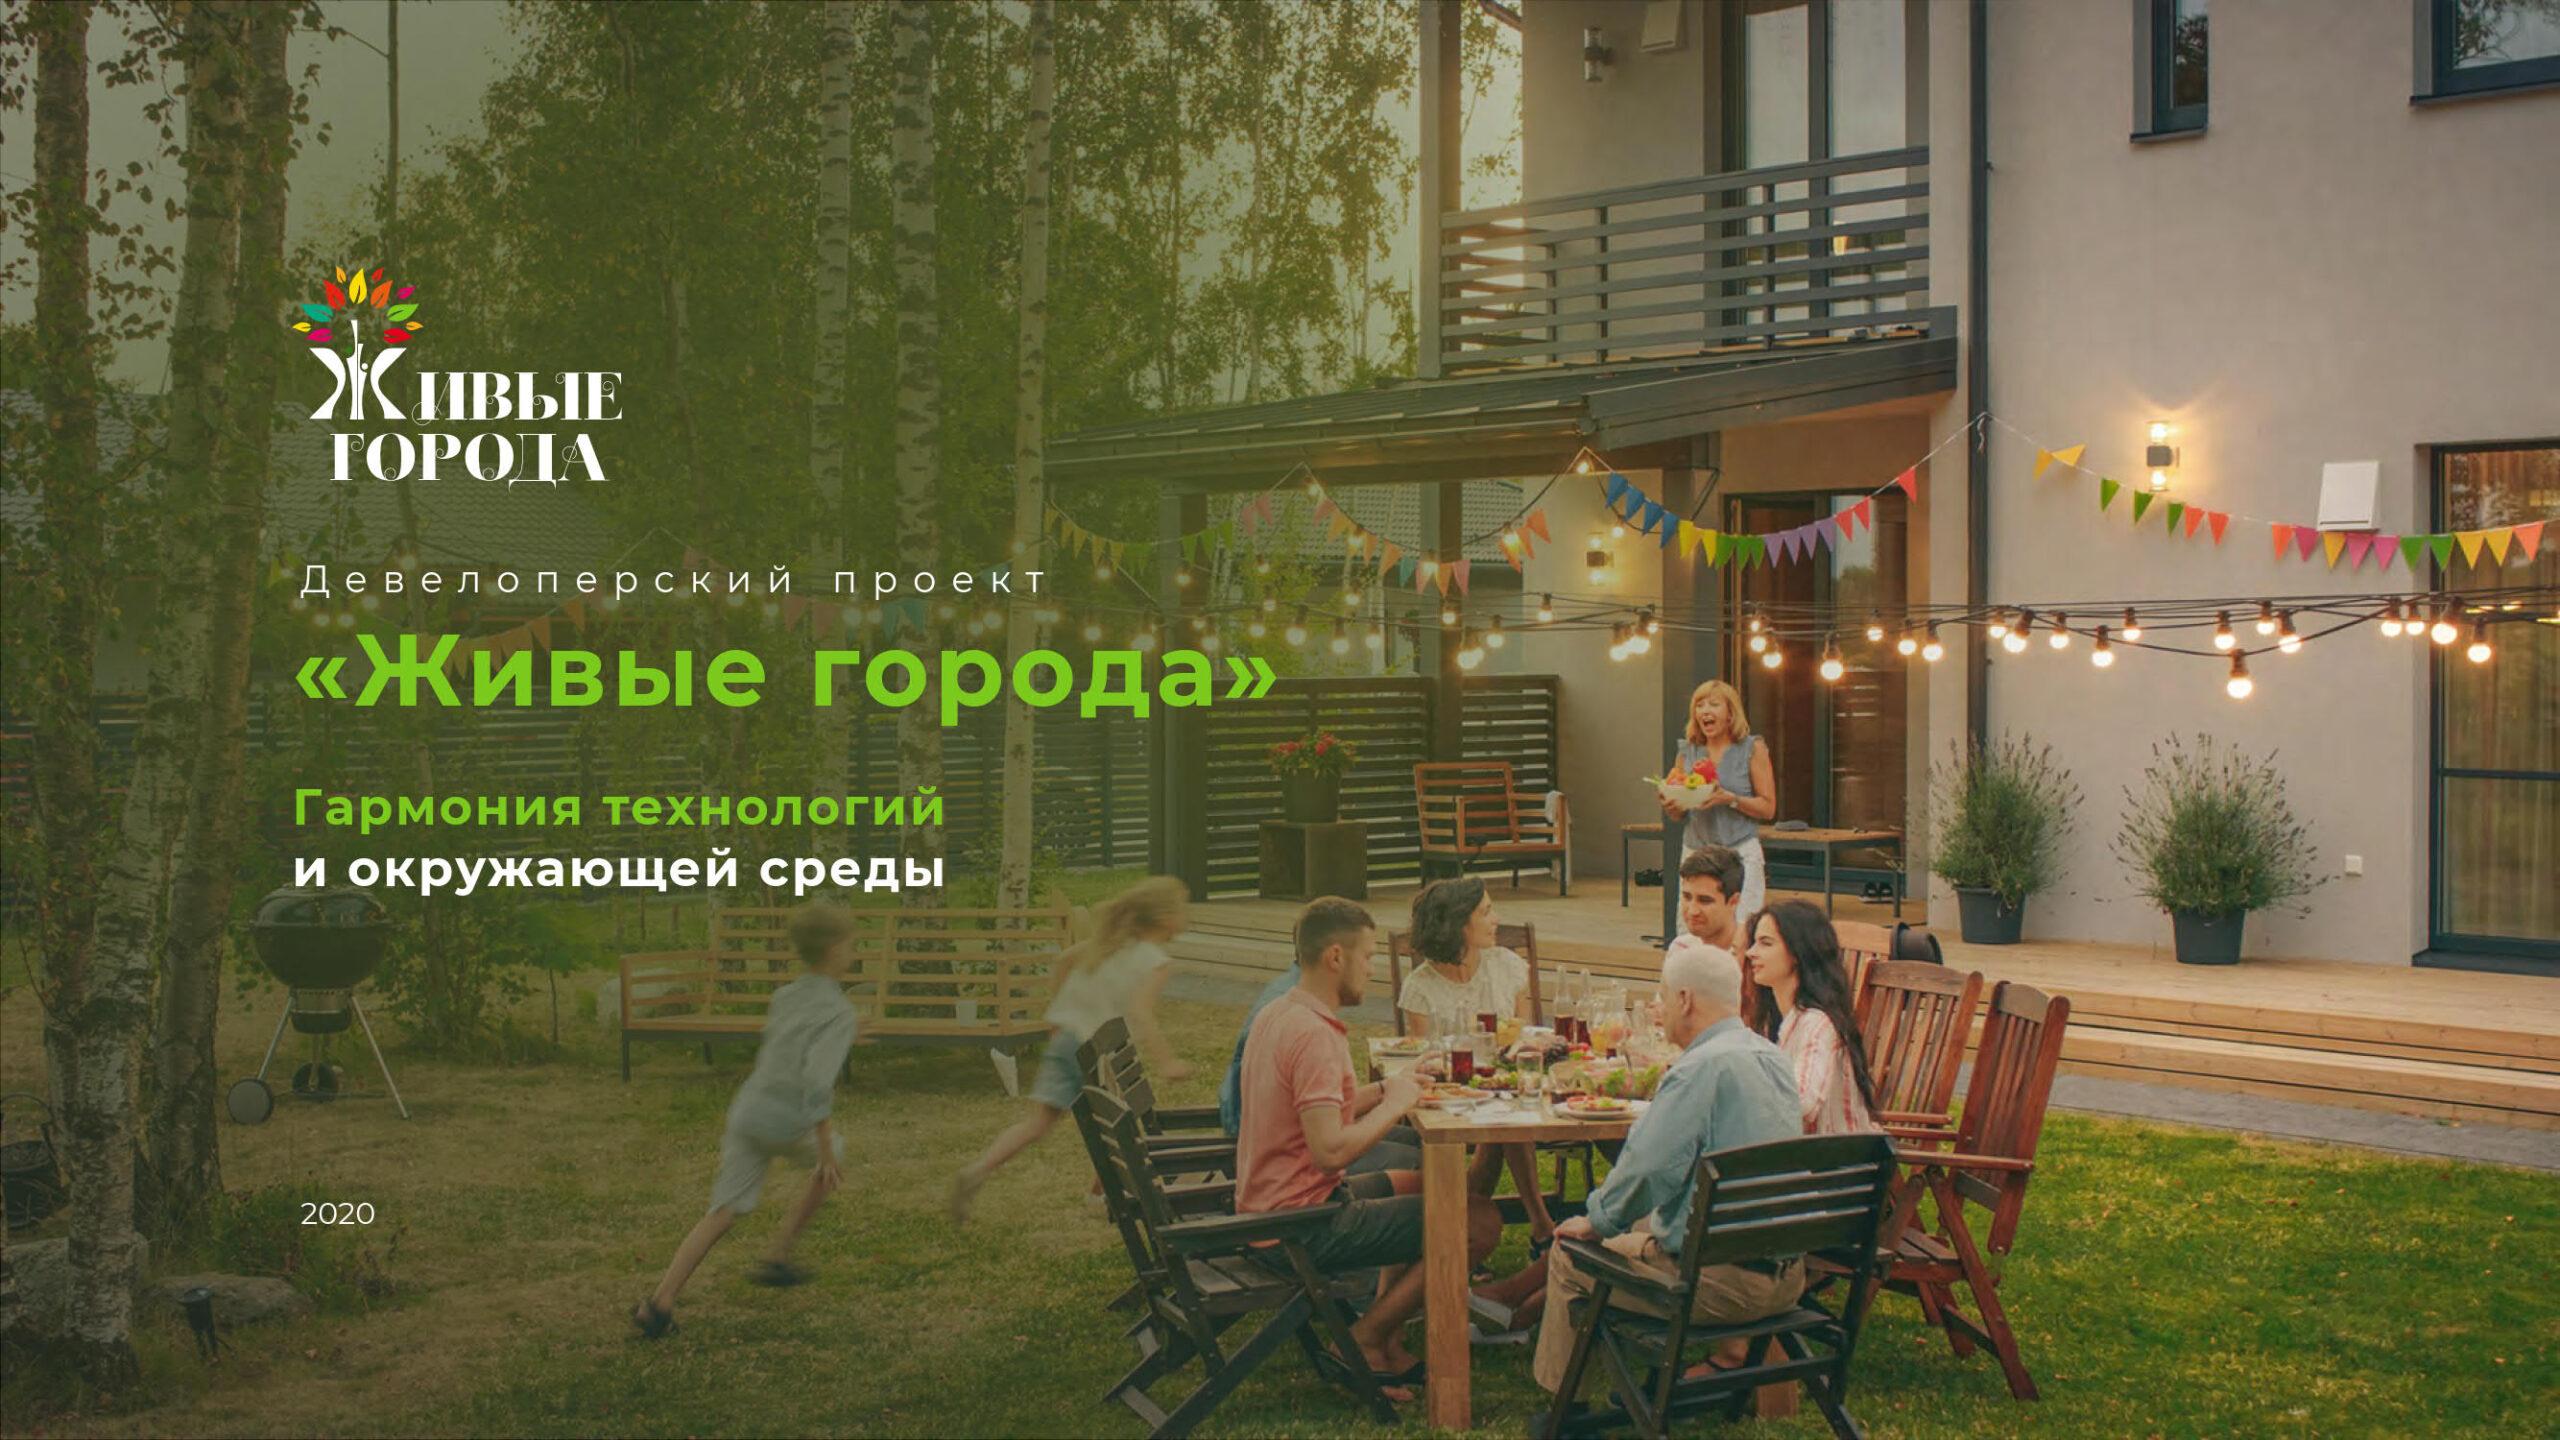 Презентация девелоперского проекта «Живые города»